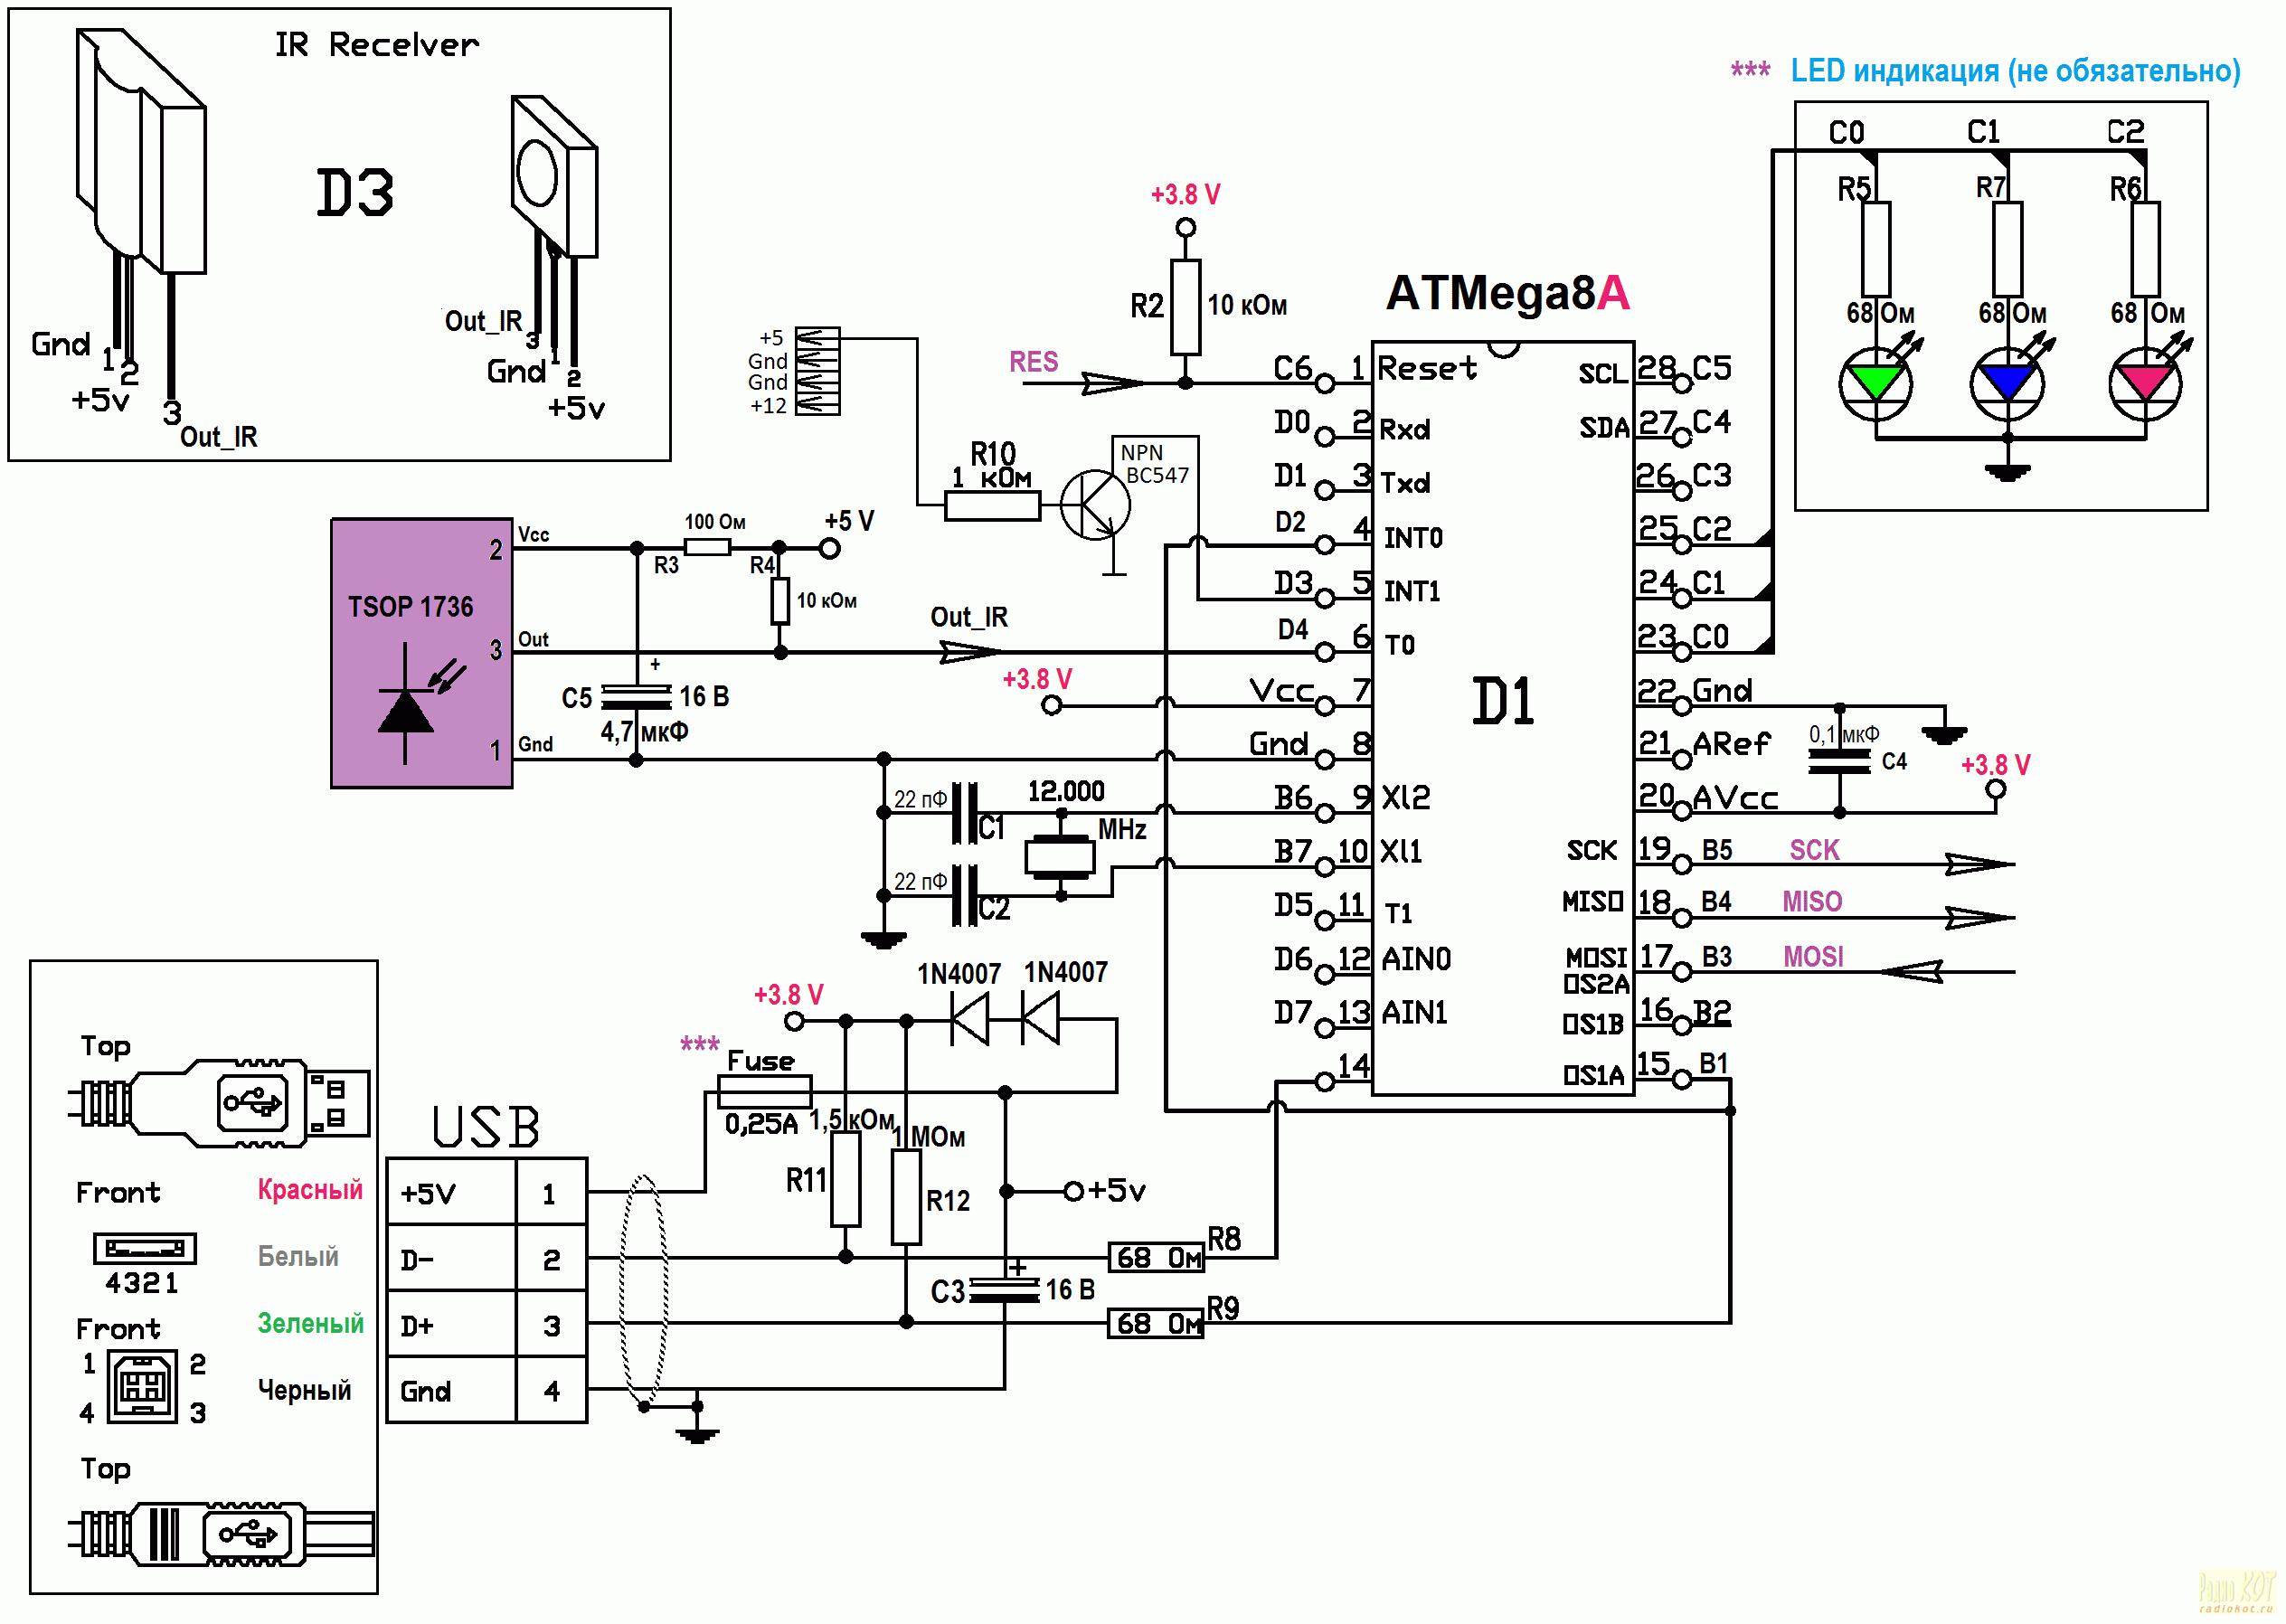 Схема выносного ик приемника 83